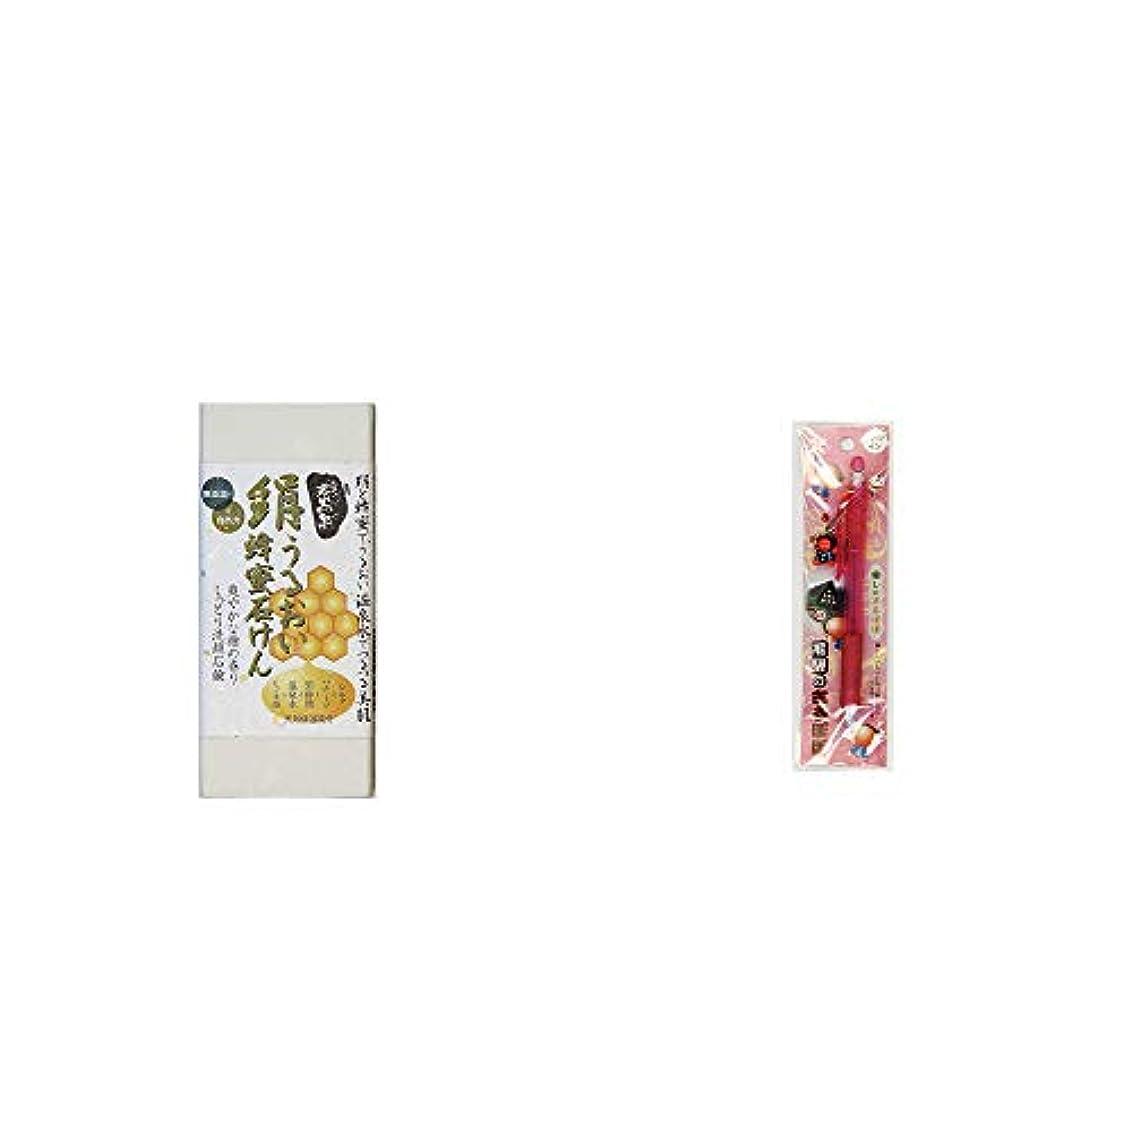 杭保有者パターン[2点セット] ひのき炭黒泉 絹うるおい蜂蜜石けん(75g×2)?さるぼぼ 癒しシャープペン 【ピンク】